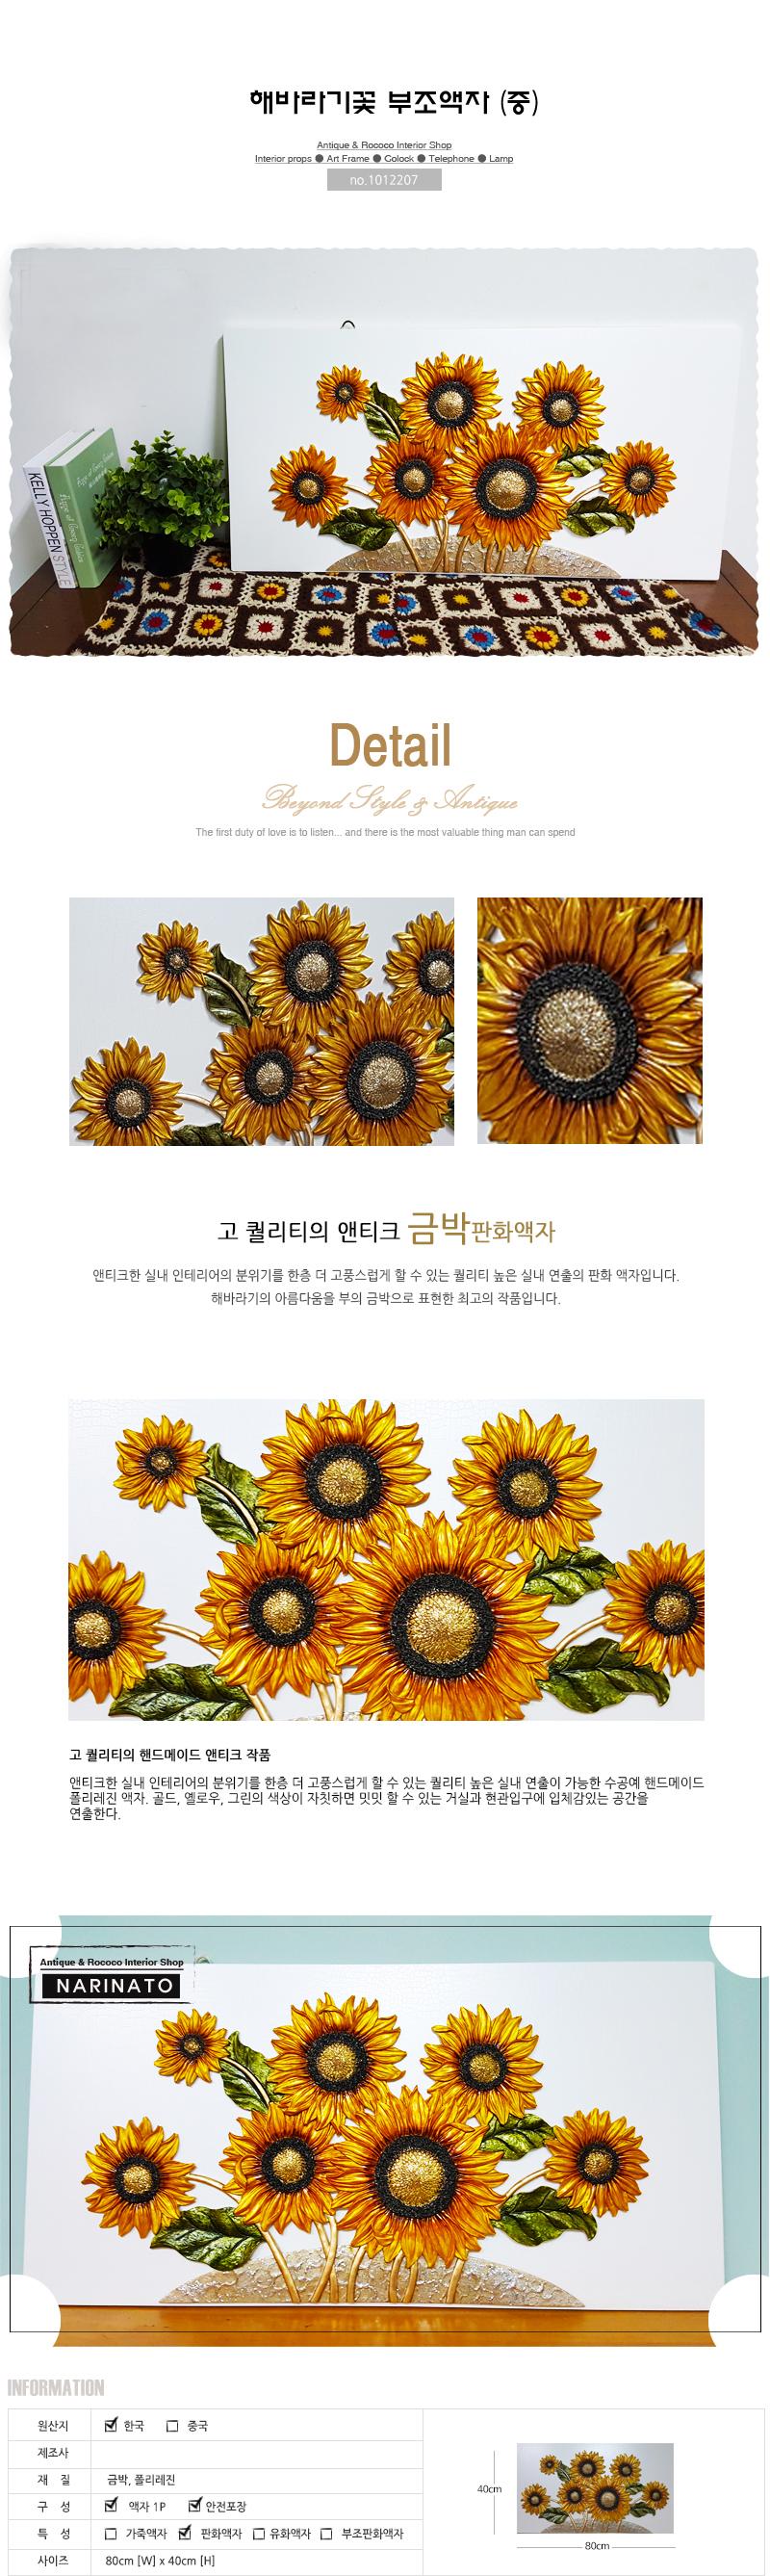 해바라기꽃 부조액자 (중) - 나린아토, 88,200원, 장식/부자재, 벽장식